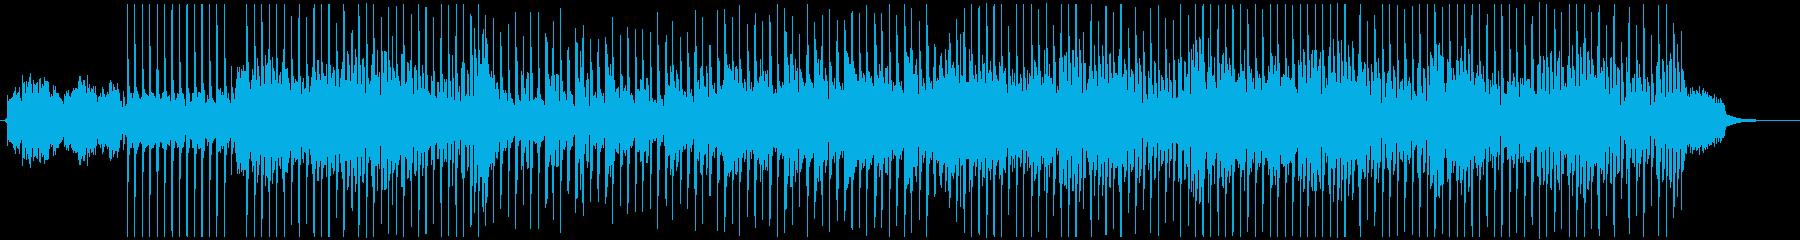 爽快でポジティブなアコースティック曲の再生済みの波形